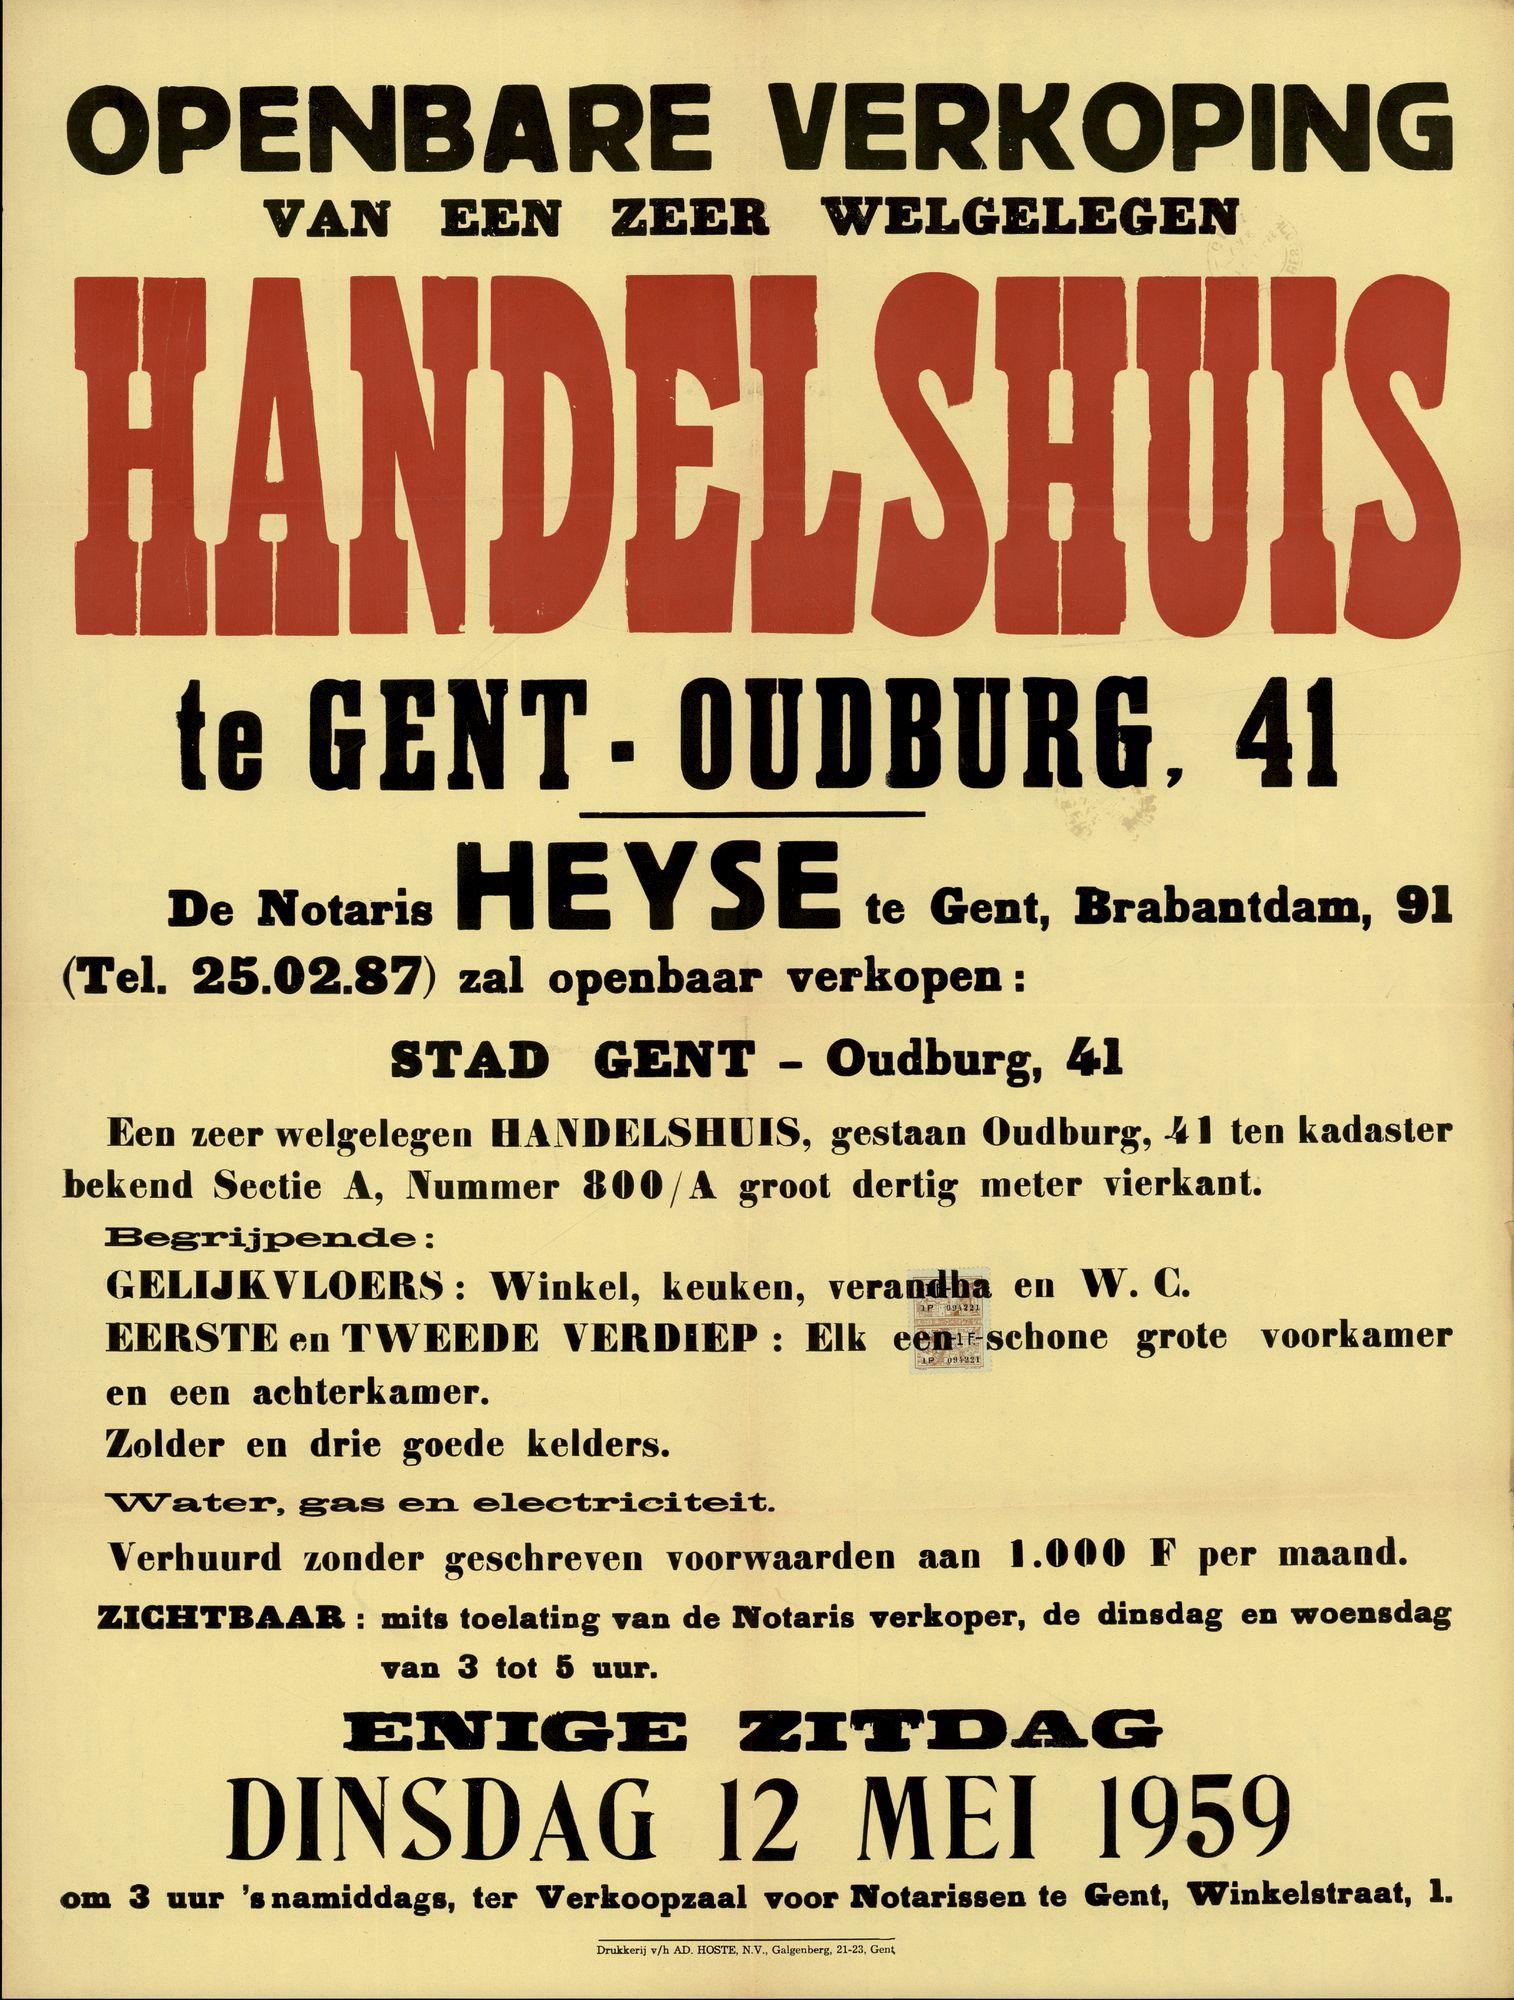 Openbare verkoop van een zeer welgelegen handelshuis te Gent, Oudburg, nr.41, Gent, 12 mei 1959